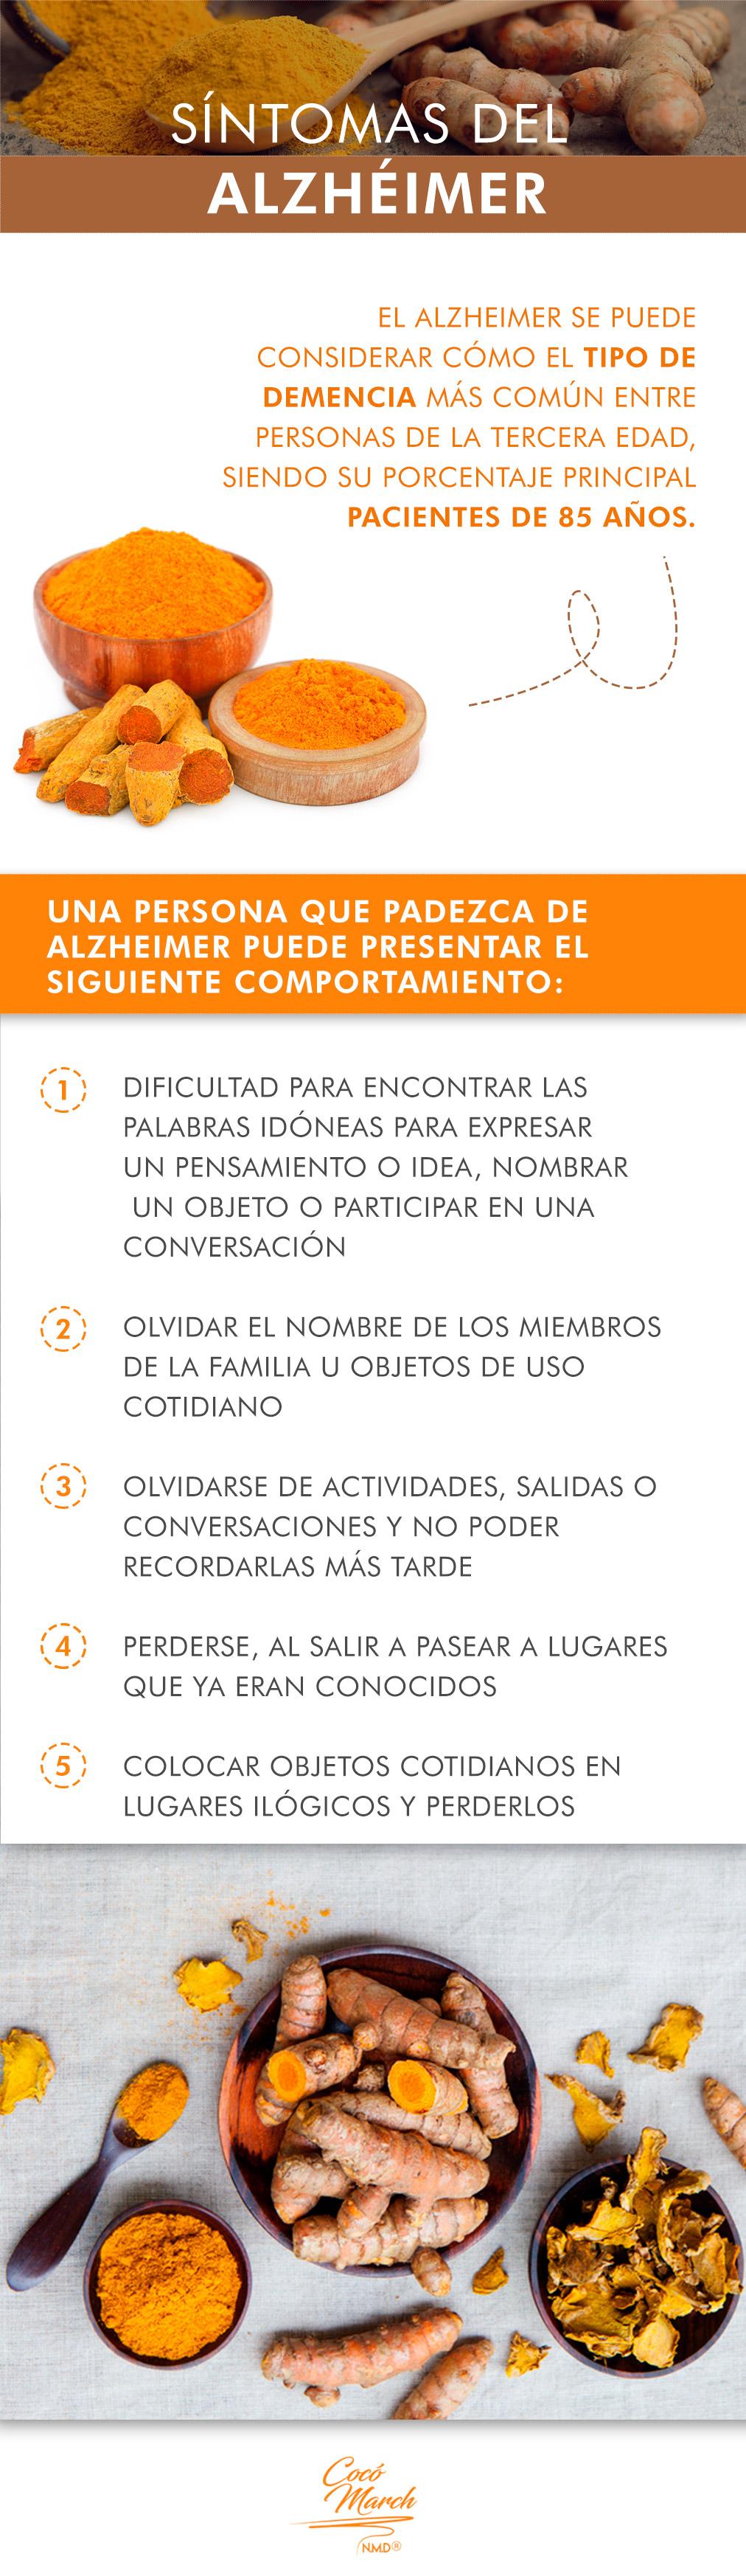 alzheimer-sintomas